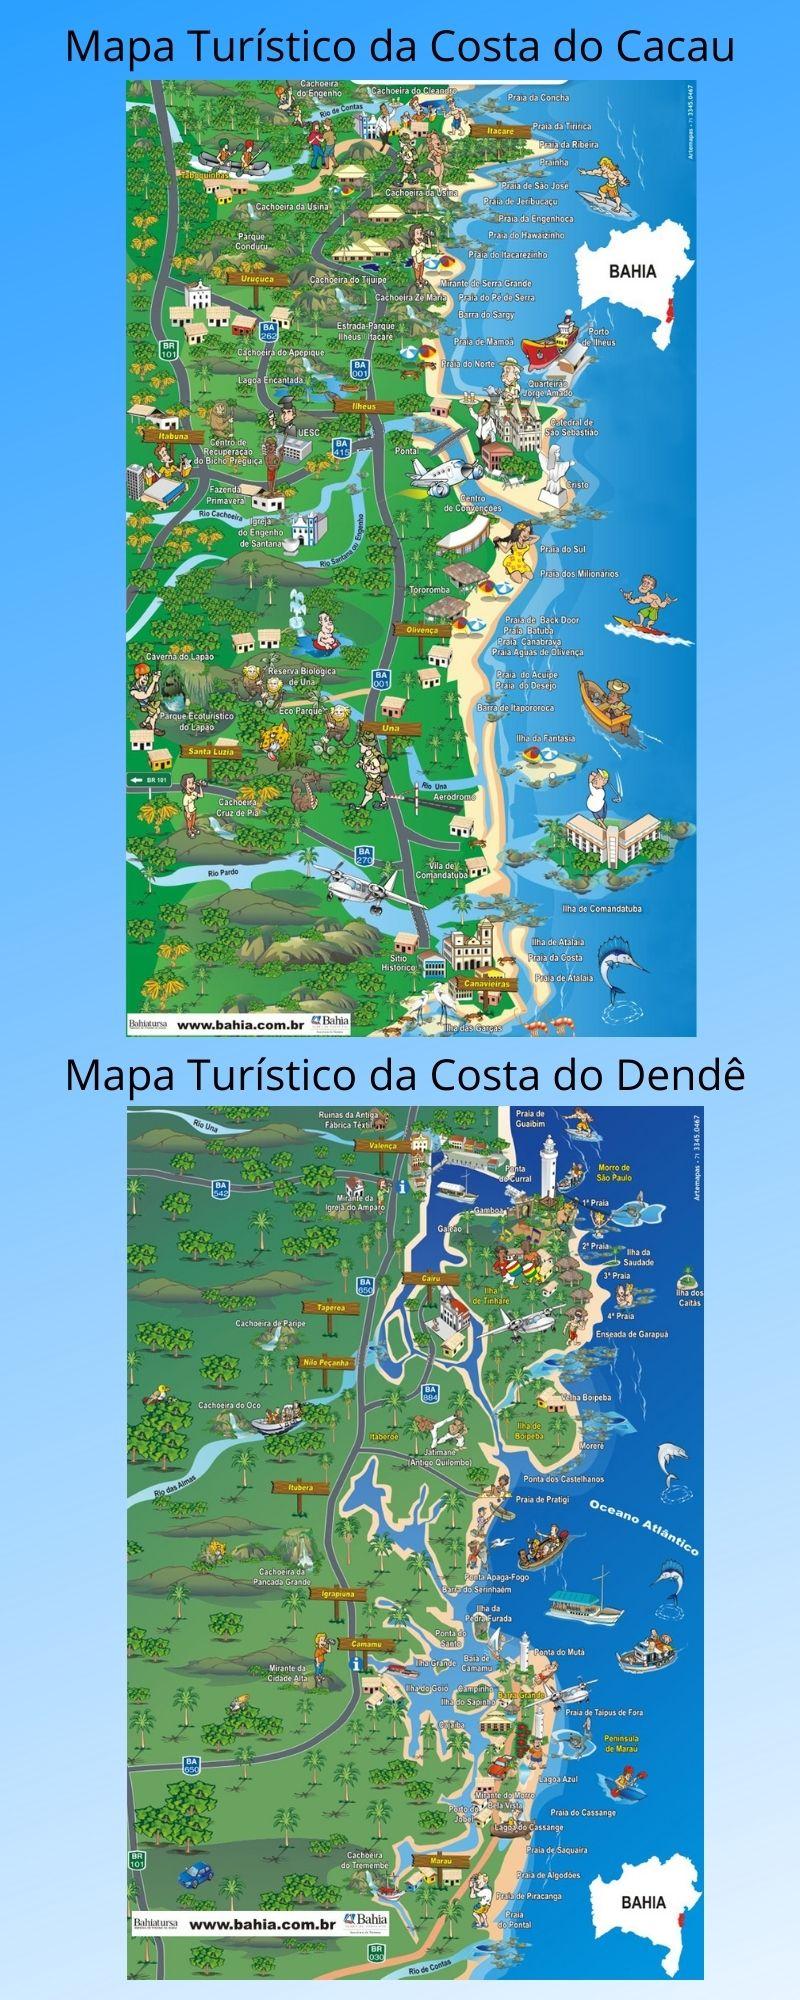 Infográfico Atrações Turísticas da Bahia (Costa do Cacau e Costa do Dendê)2